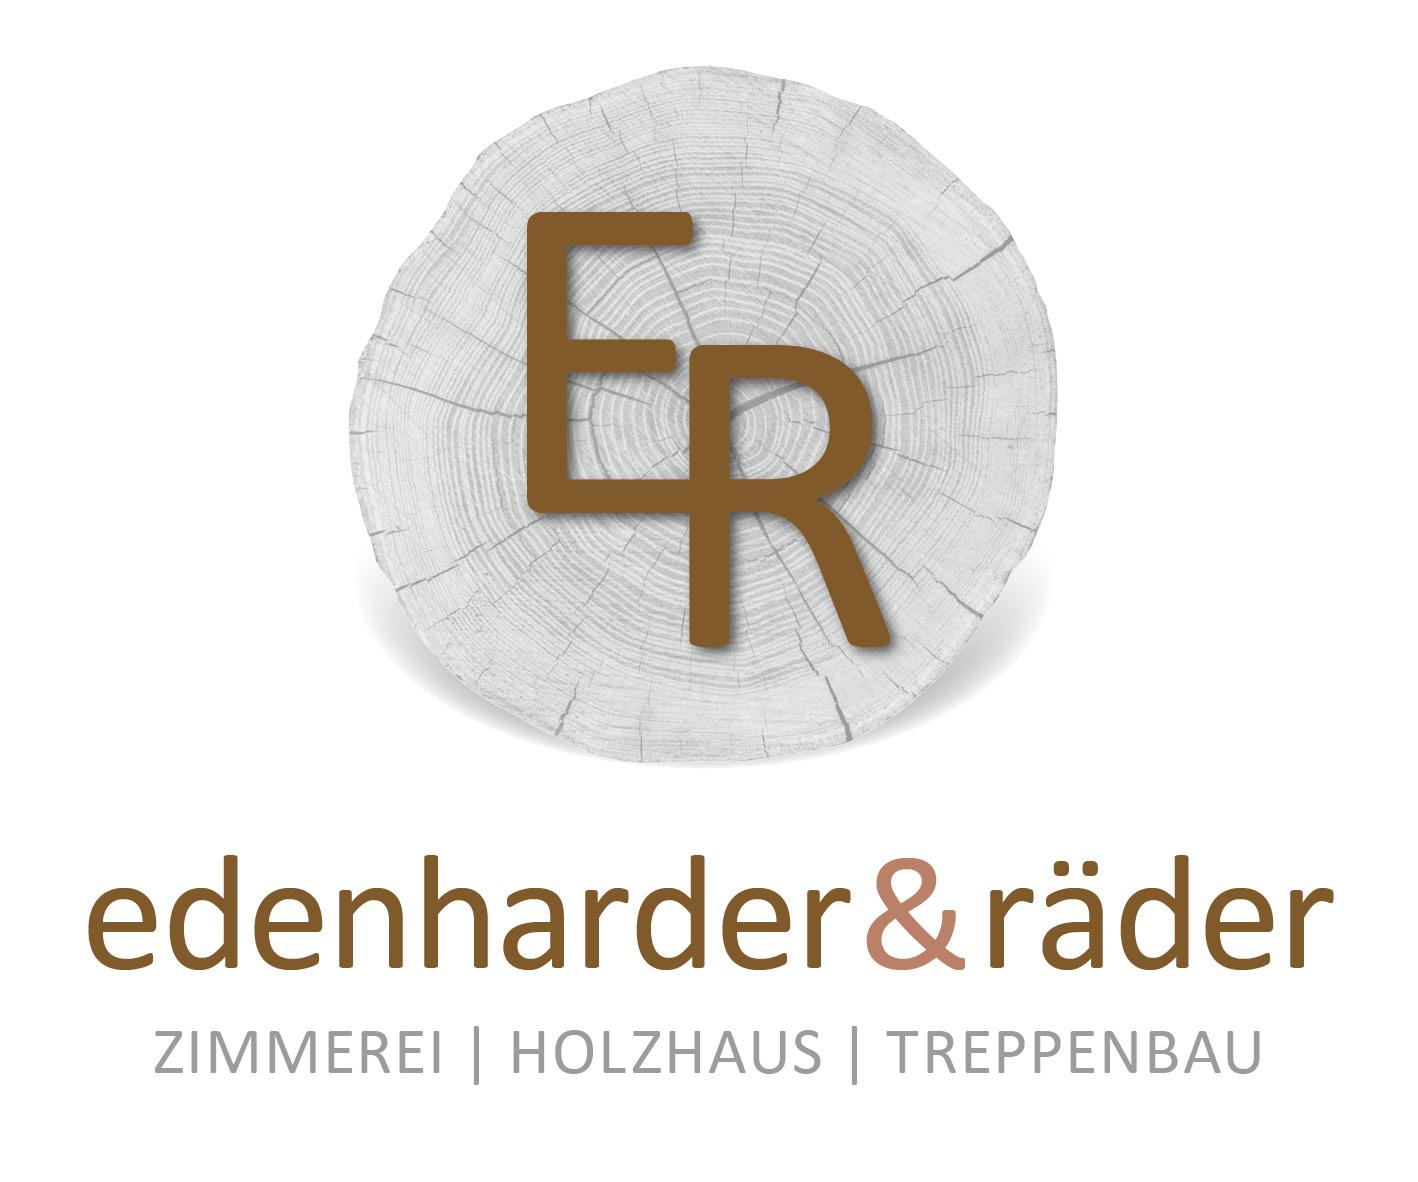 edenharder & räder